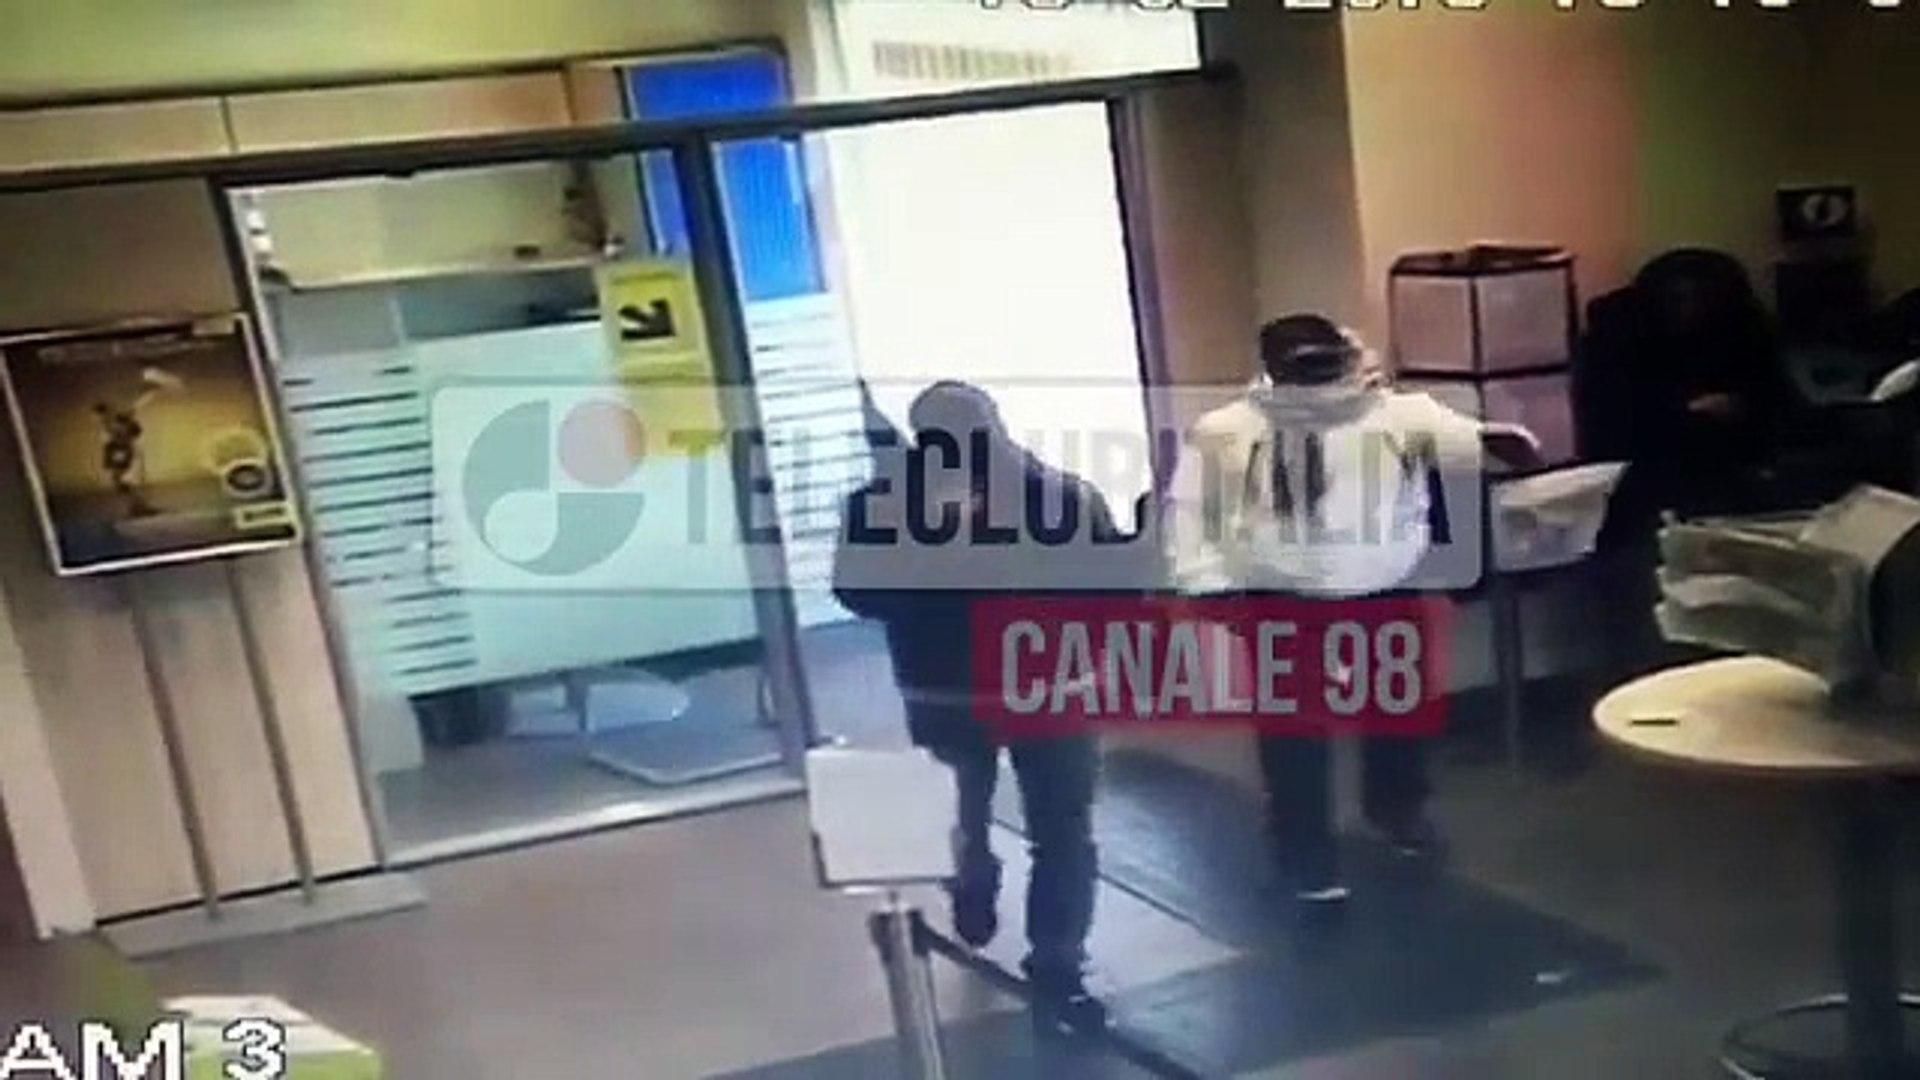 La polizia entra e sventra una rapina alle poste a Giugliano. Il video dal vivo.